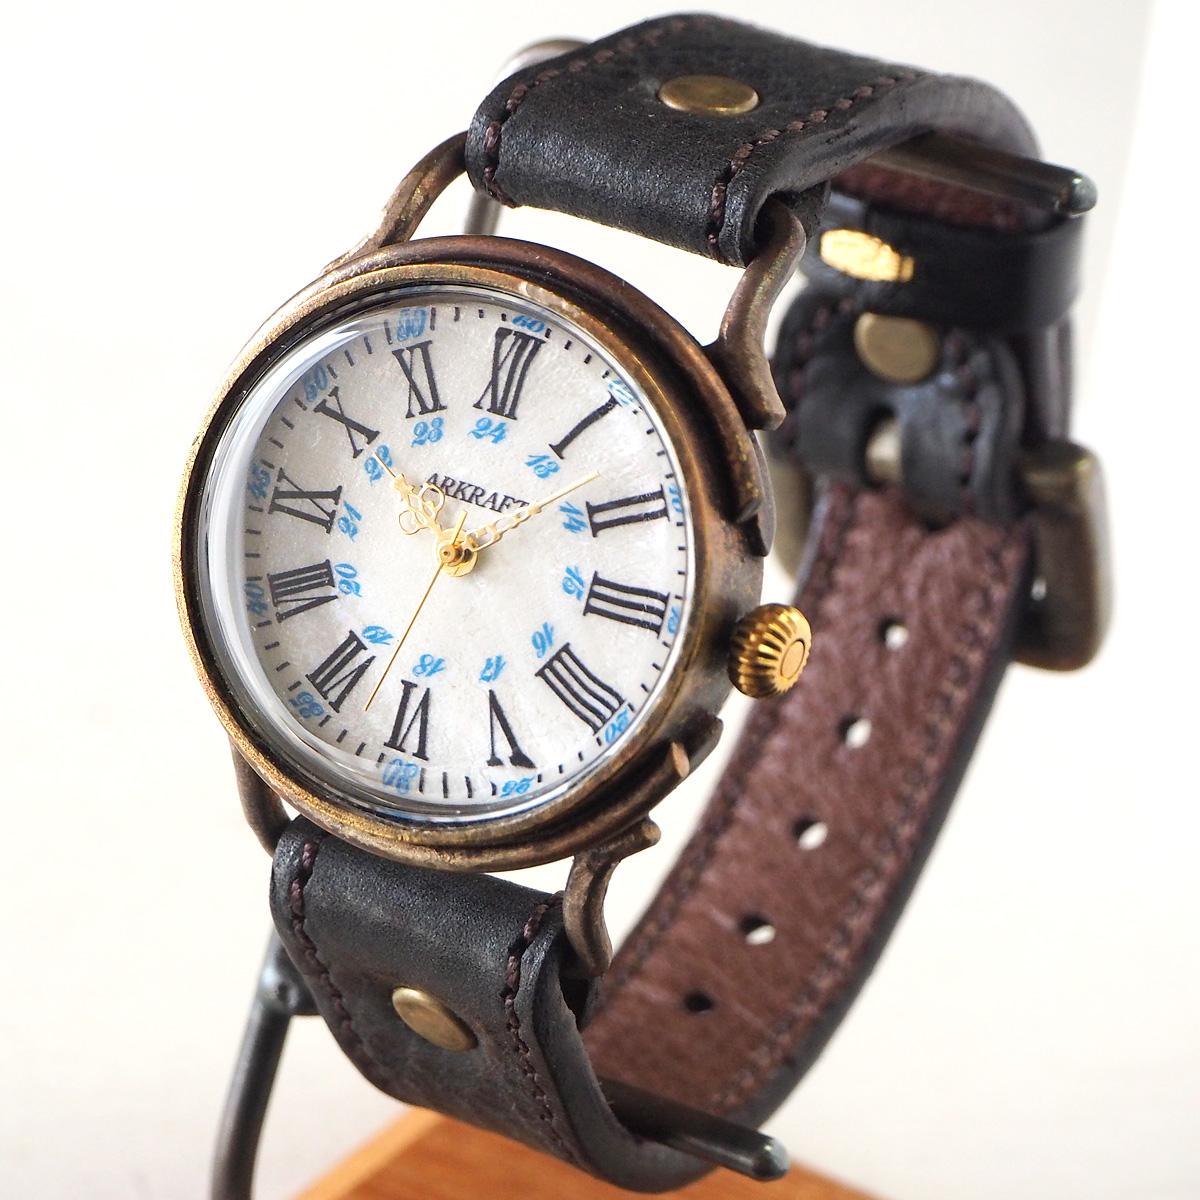 """【あす楽】ARKRAFT(アークラフト)手作り腕時計""""Drake Large"""" ホワイトシェル文字盤 ブルードット プレミアムストラップ レブロン ブラック [AR-C-019-WH-BLREV-BLACK] ハンドメイドウォッチ 手作り 本革ベルト ホワイト クオーツ アナログ 日本製 国産"""